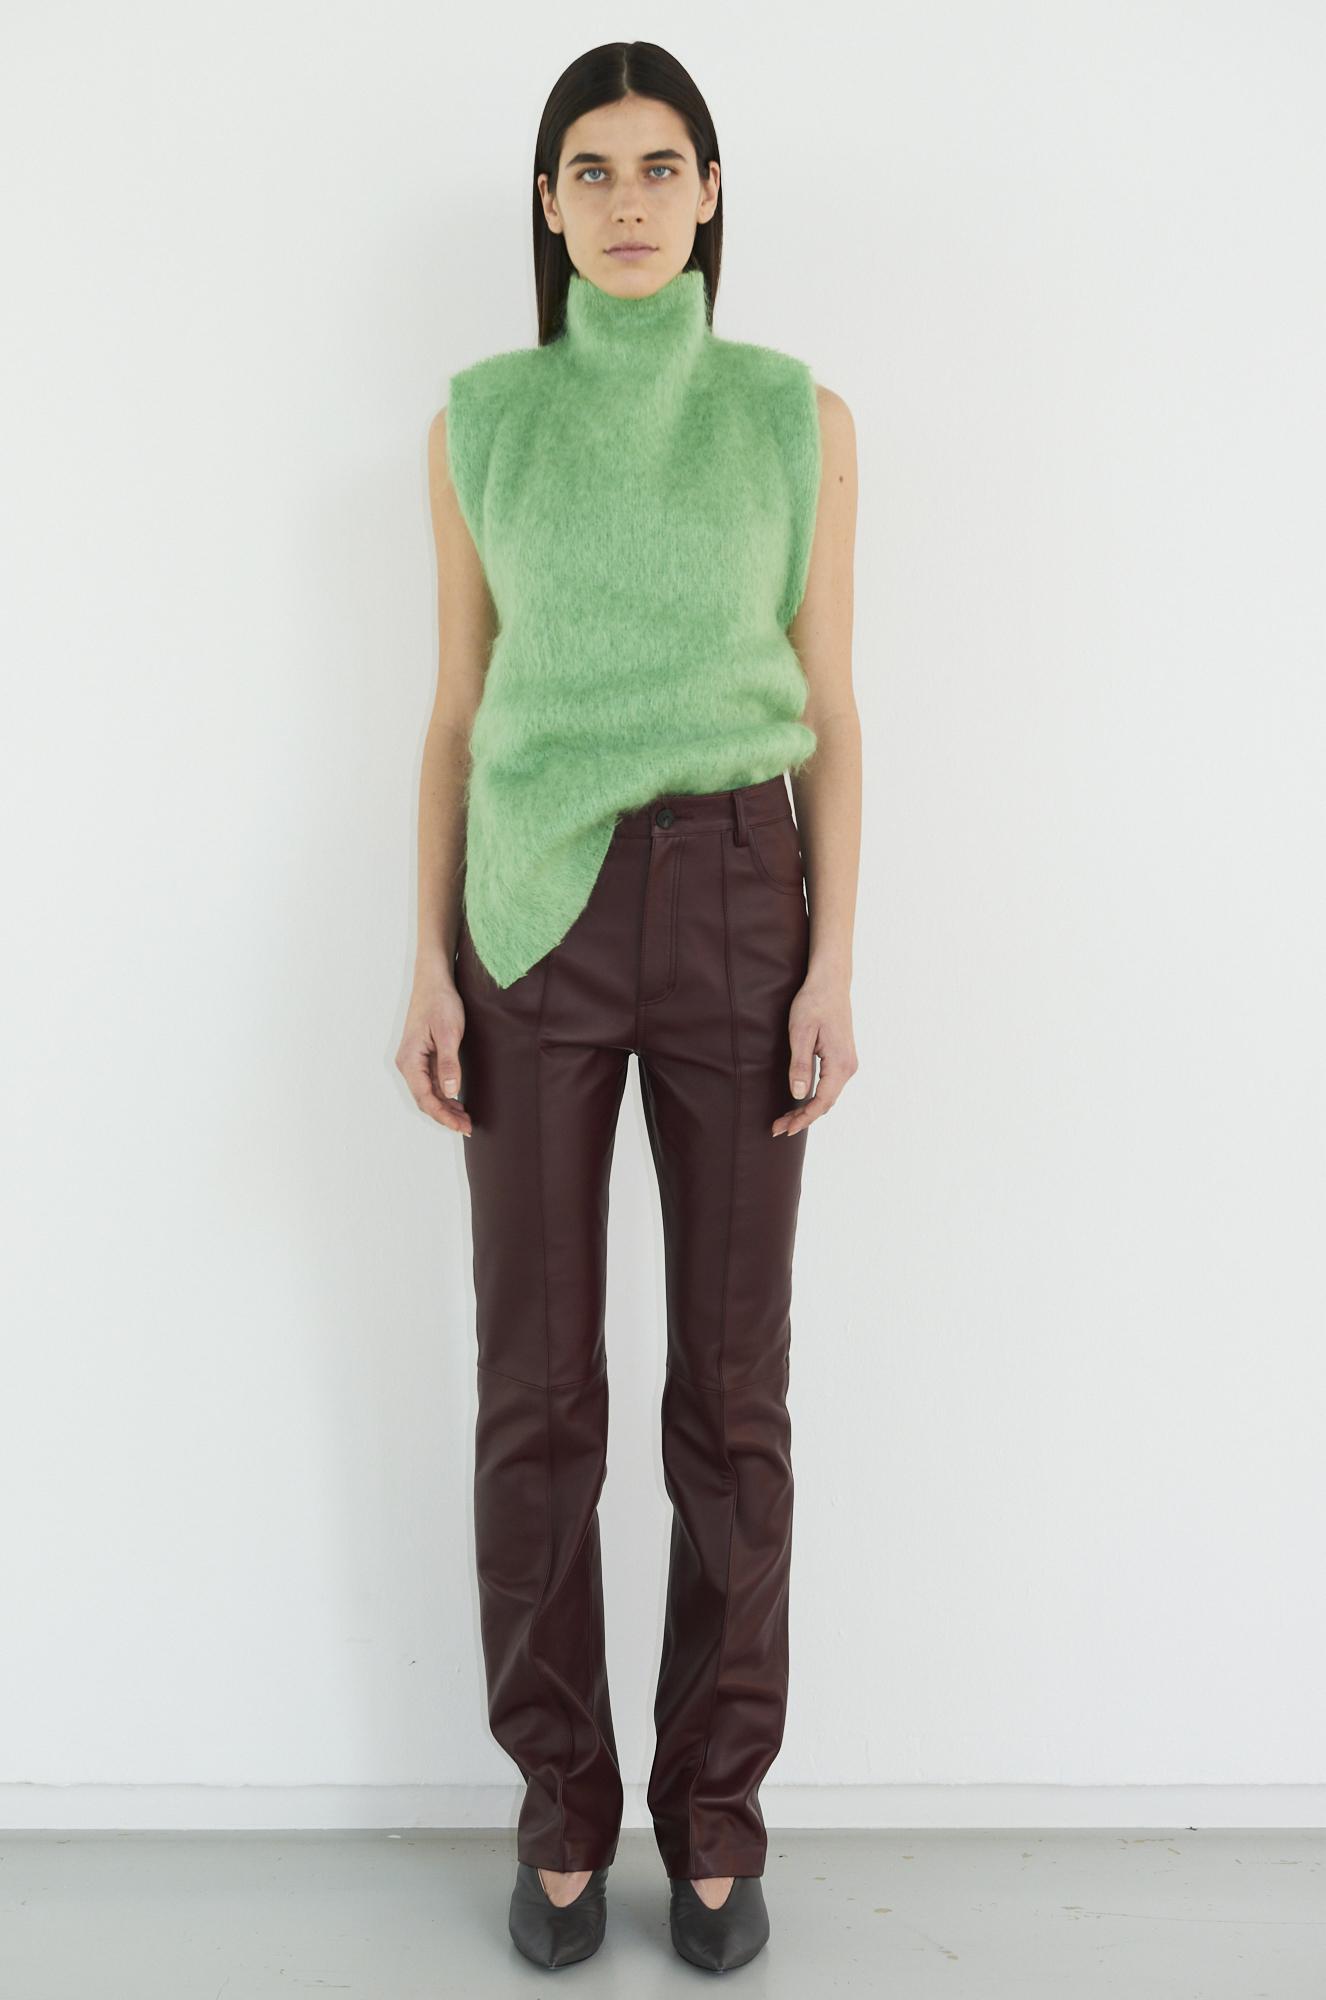 GAUCHERE Fall Winter 2021 Paris Fashion Week LOOK 18 Top TAHNEE, Trousers THALEE, Shoes PILLOW PUMP